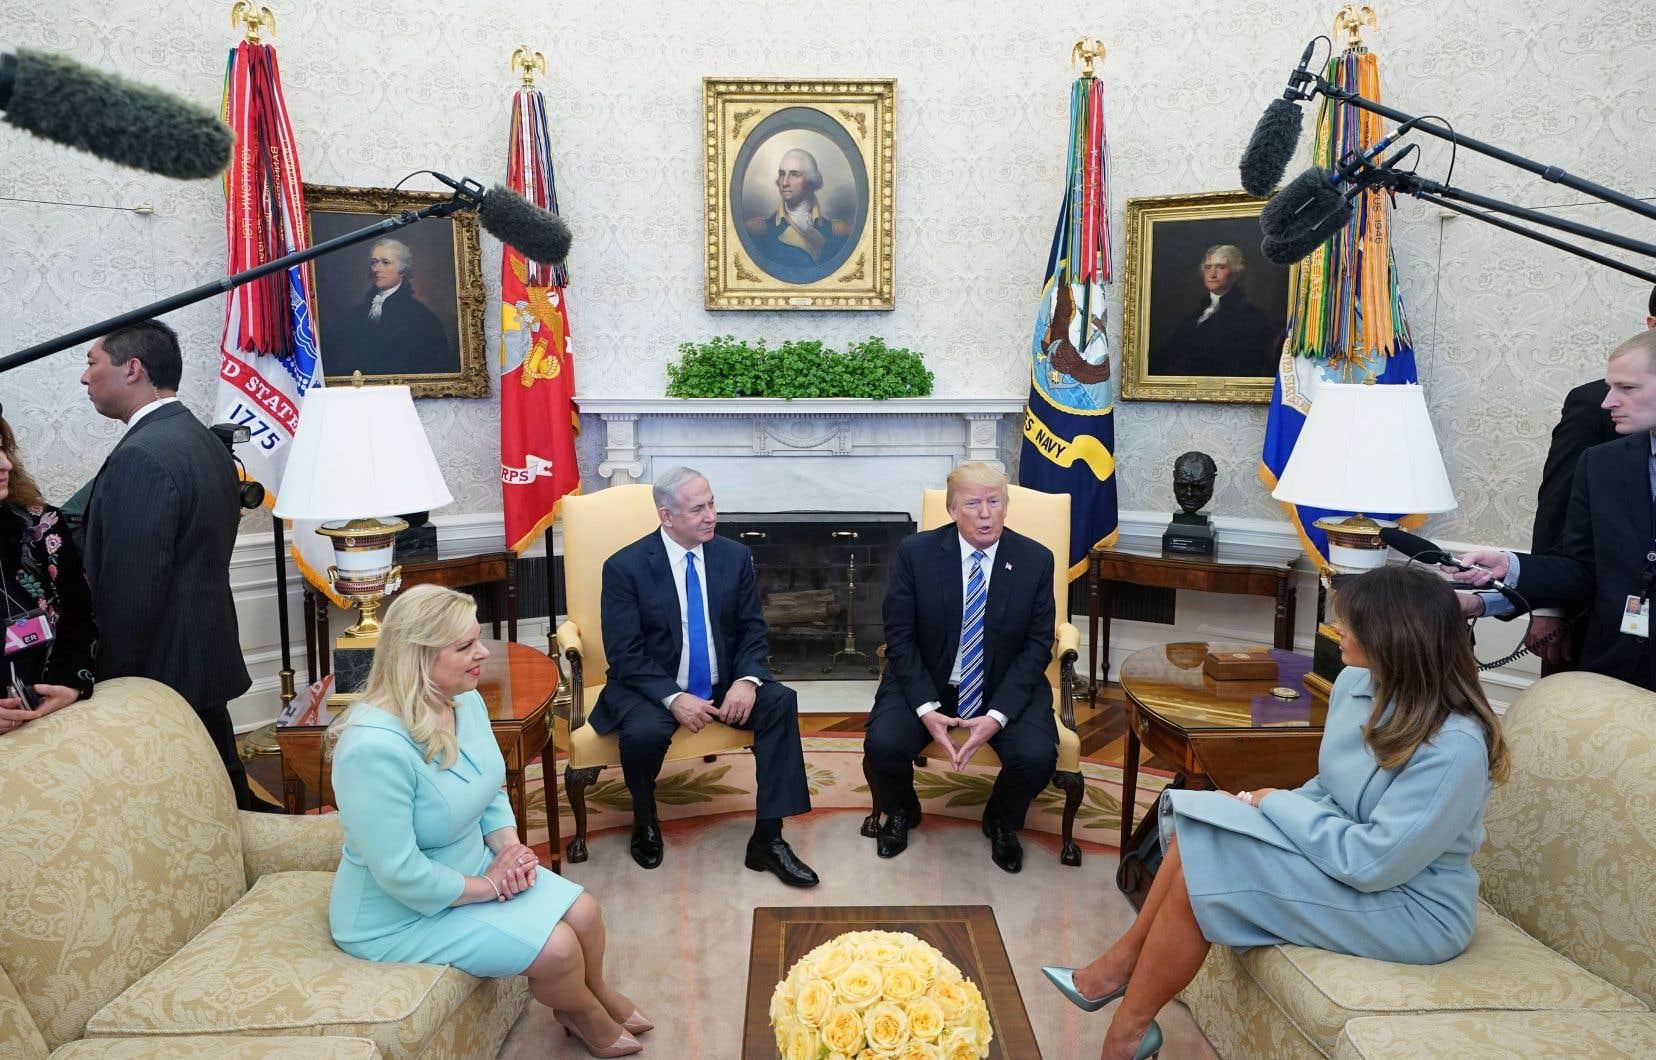 Le président américain (à droite) et le premier ministre israélien aux côtés de leur épouse respective à la Maison-Blanche, lundi